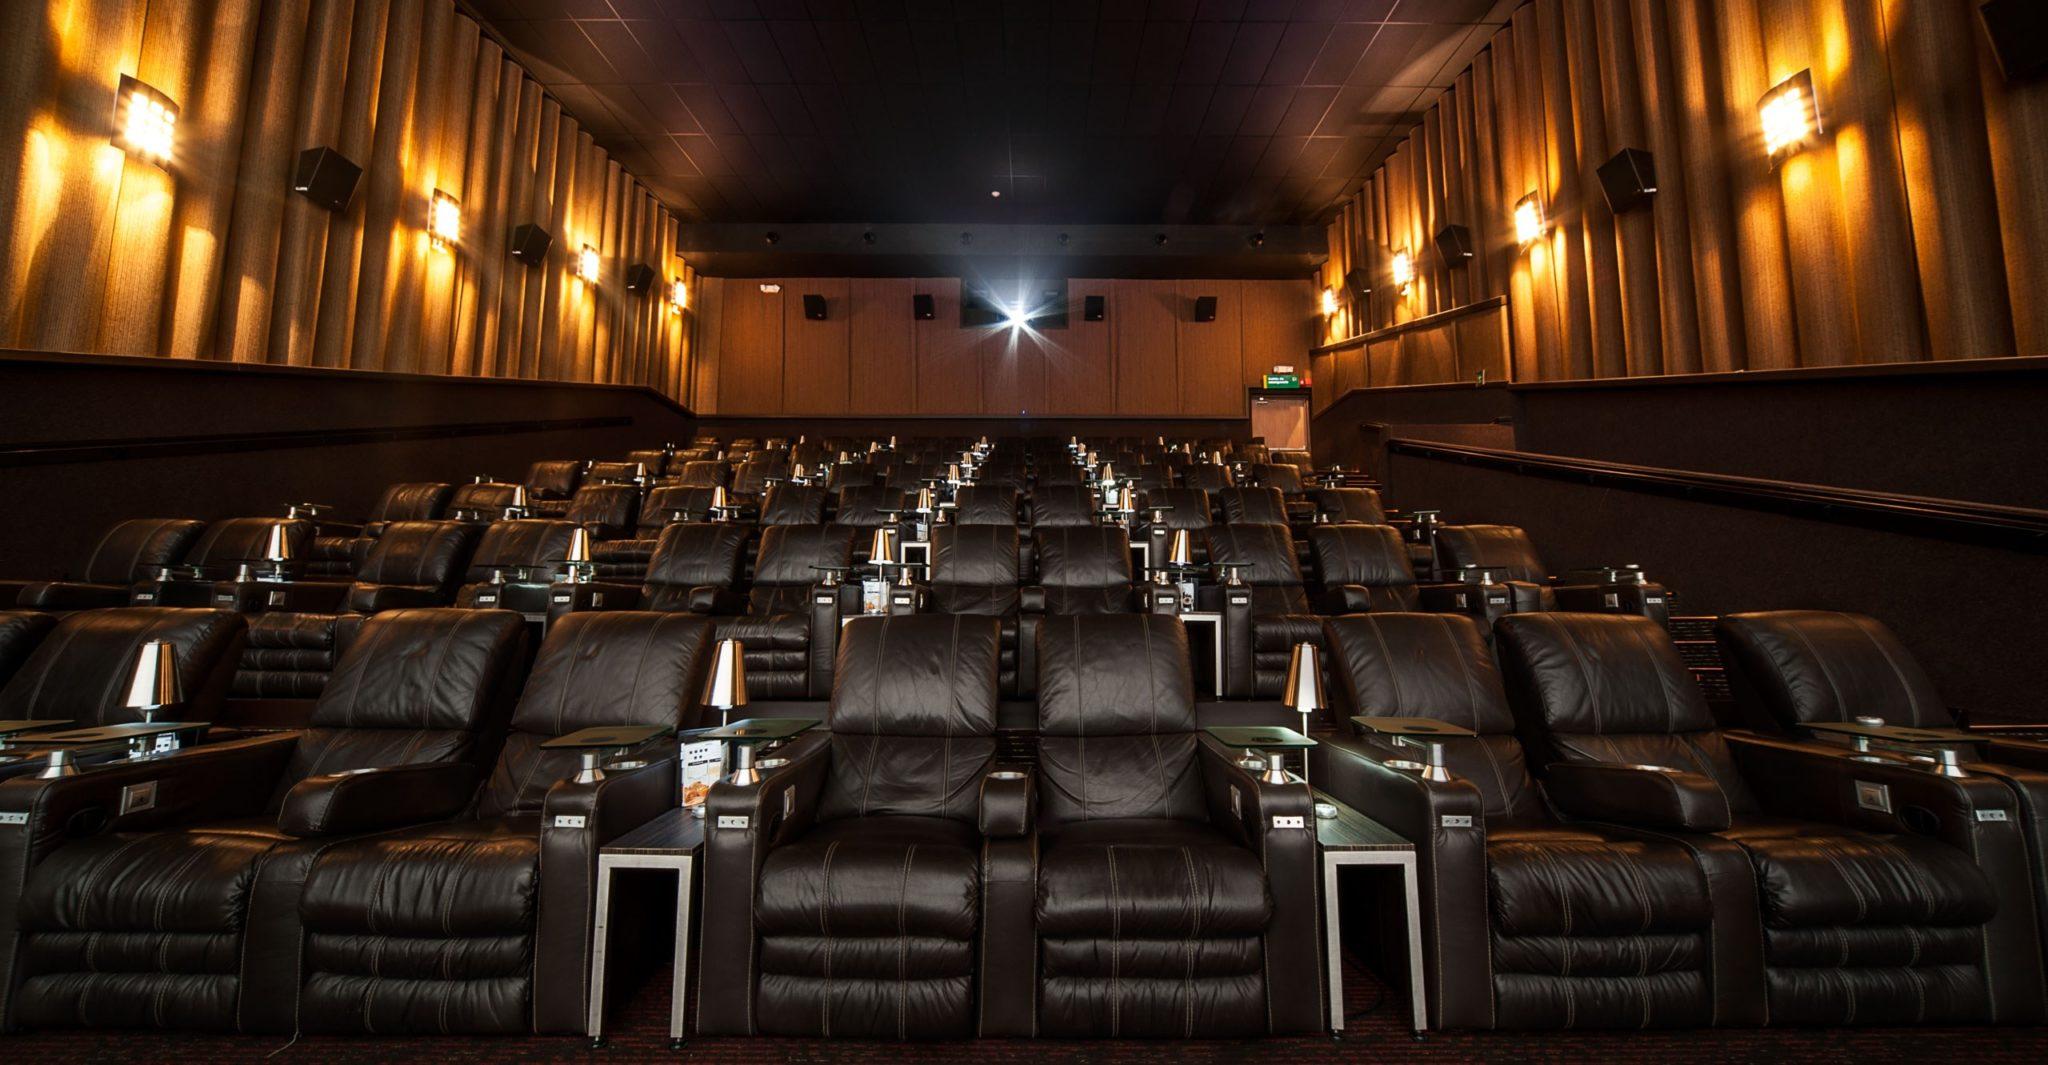 Los cines reabren en México: conoce protocolos y salas disponibles en CDMX